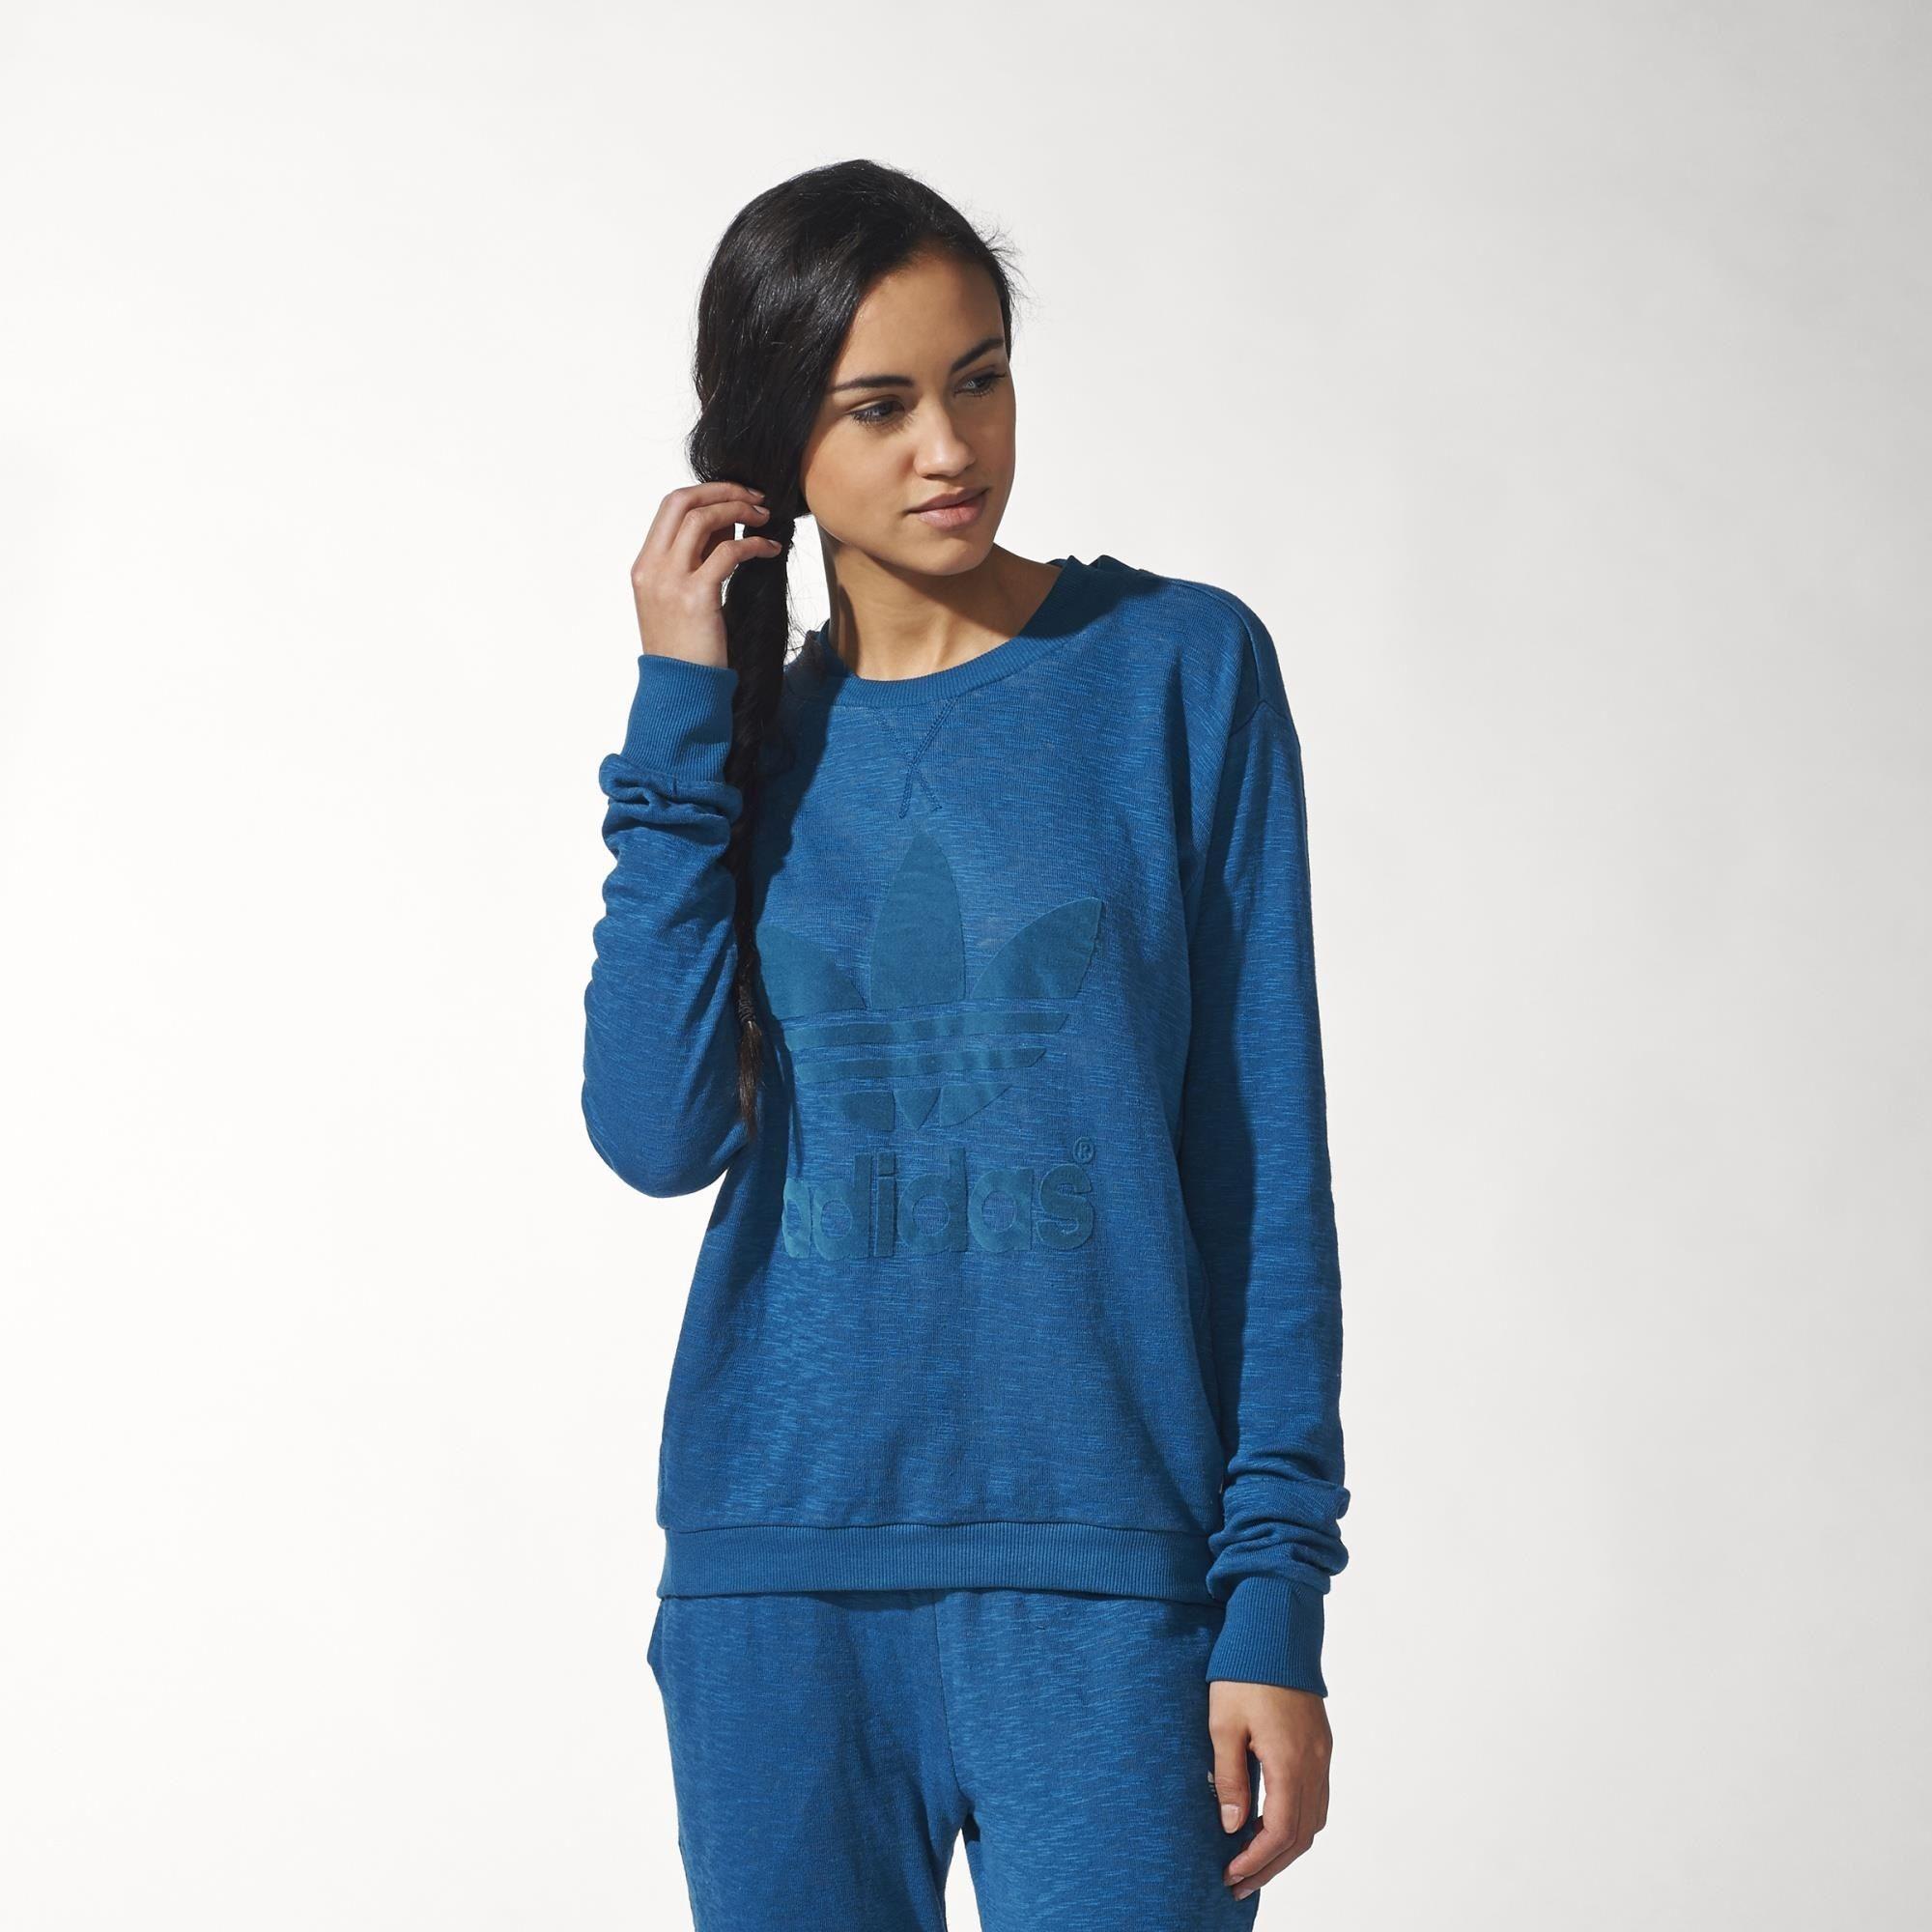 Suéter adidas 6668 Premium Suéter Essentials Surf Petrol Essentials | a704cf2 - grind.website